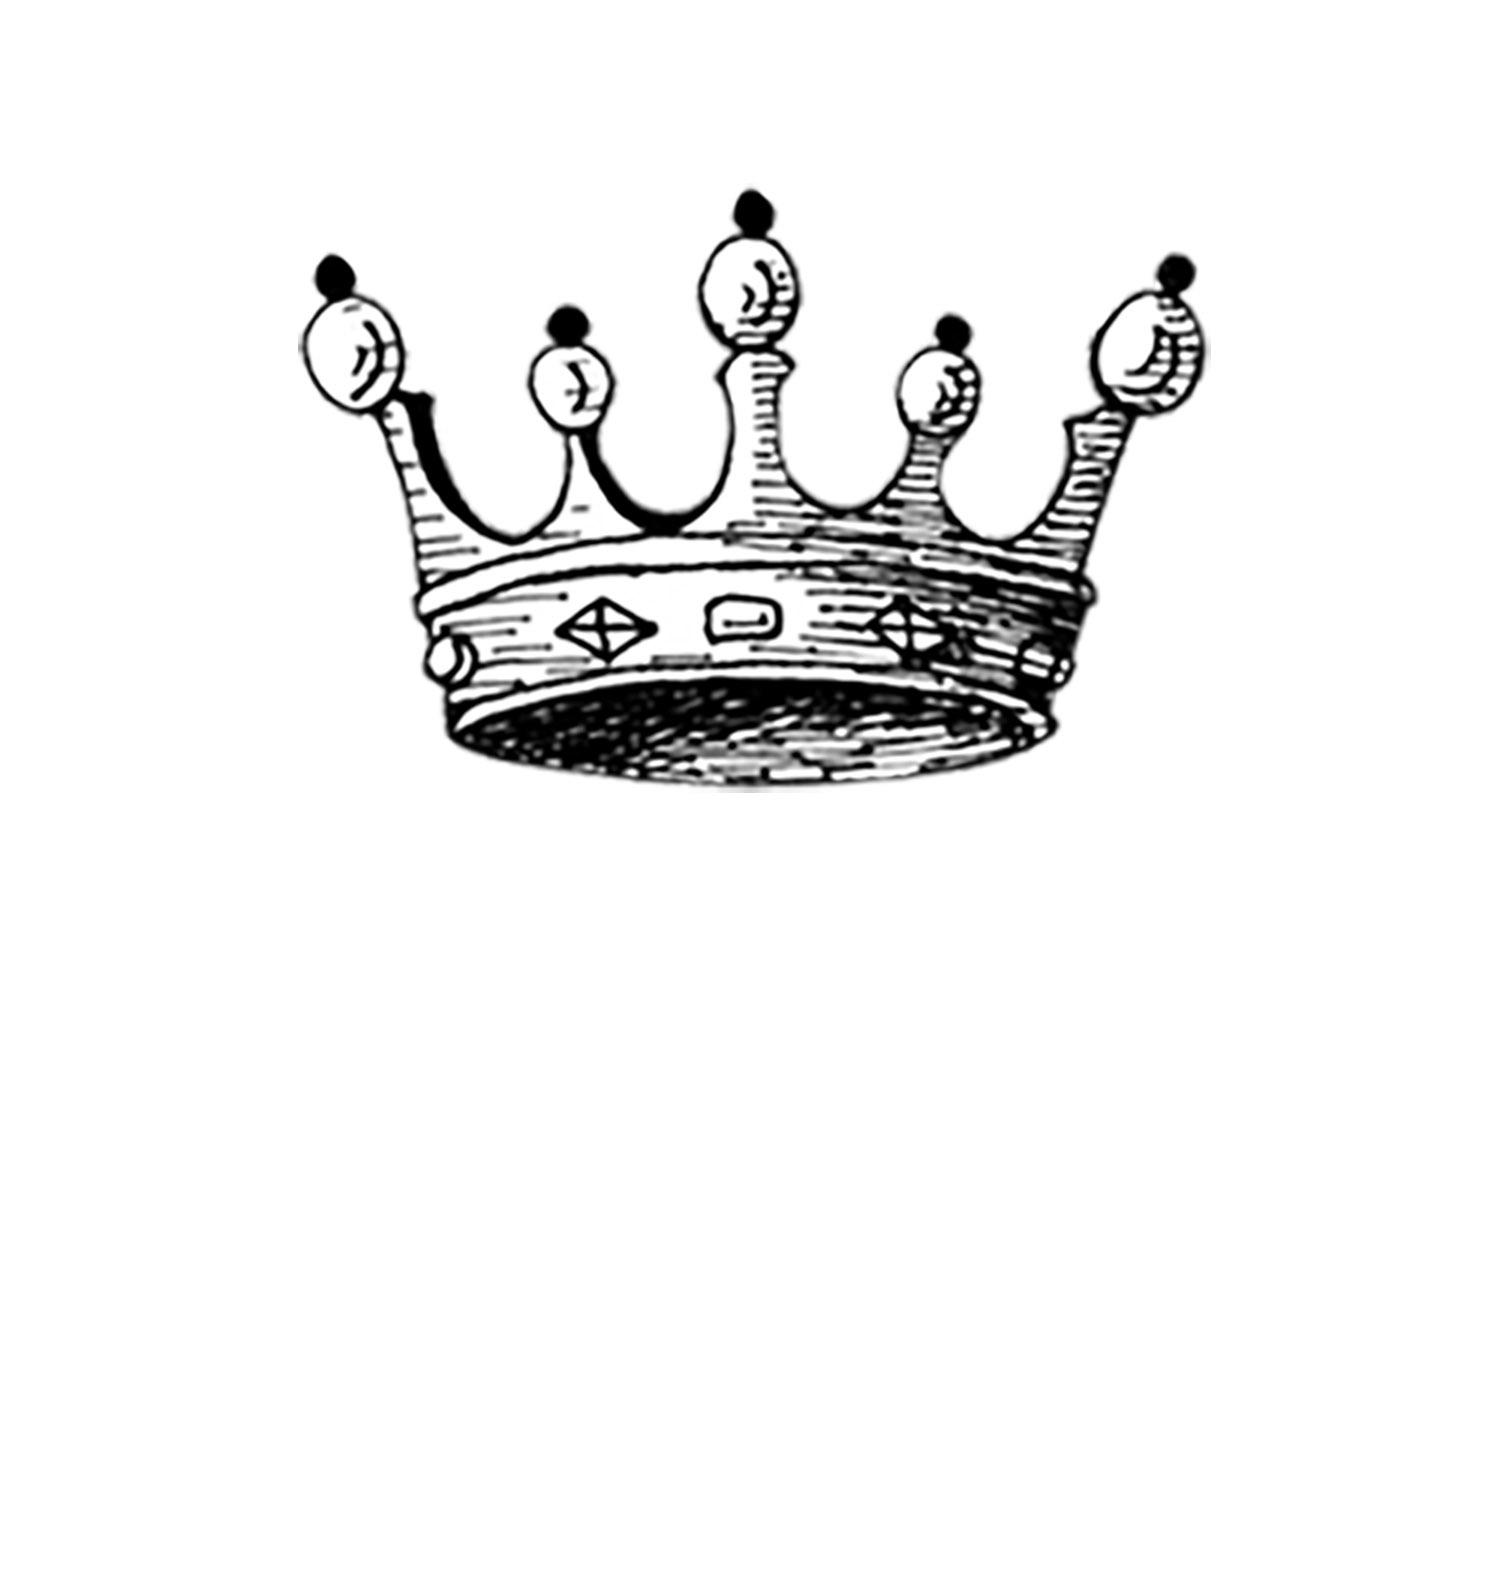 Corona calímaco